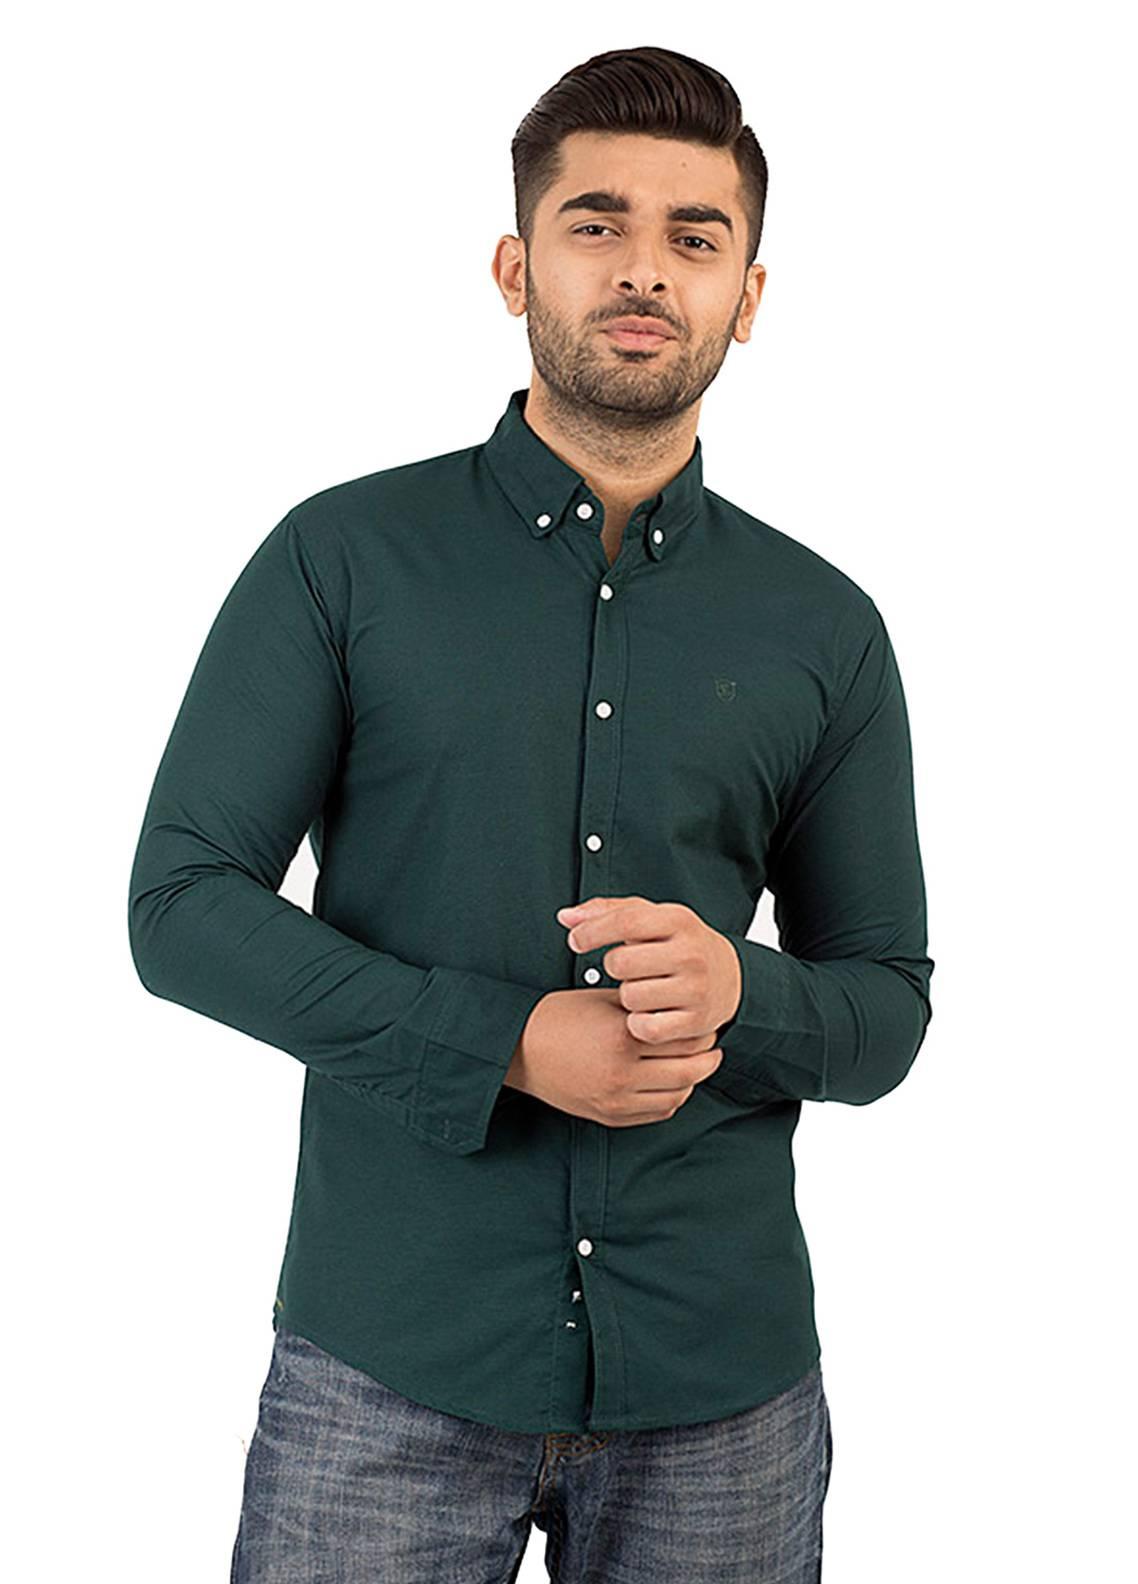 ec6e4f581ba Men s Casual Shirts I Men s Business Casual Shirts Online I Ben ...